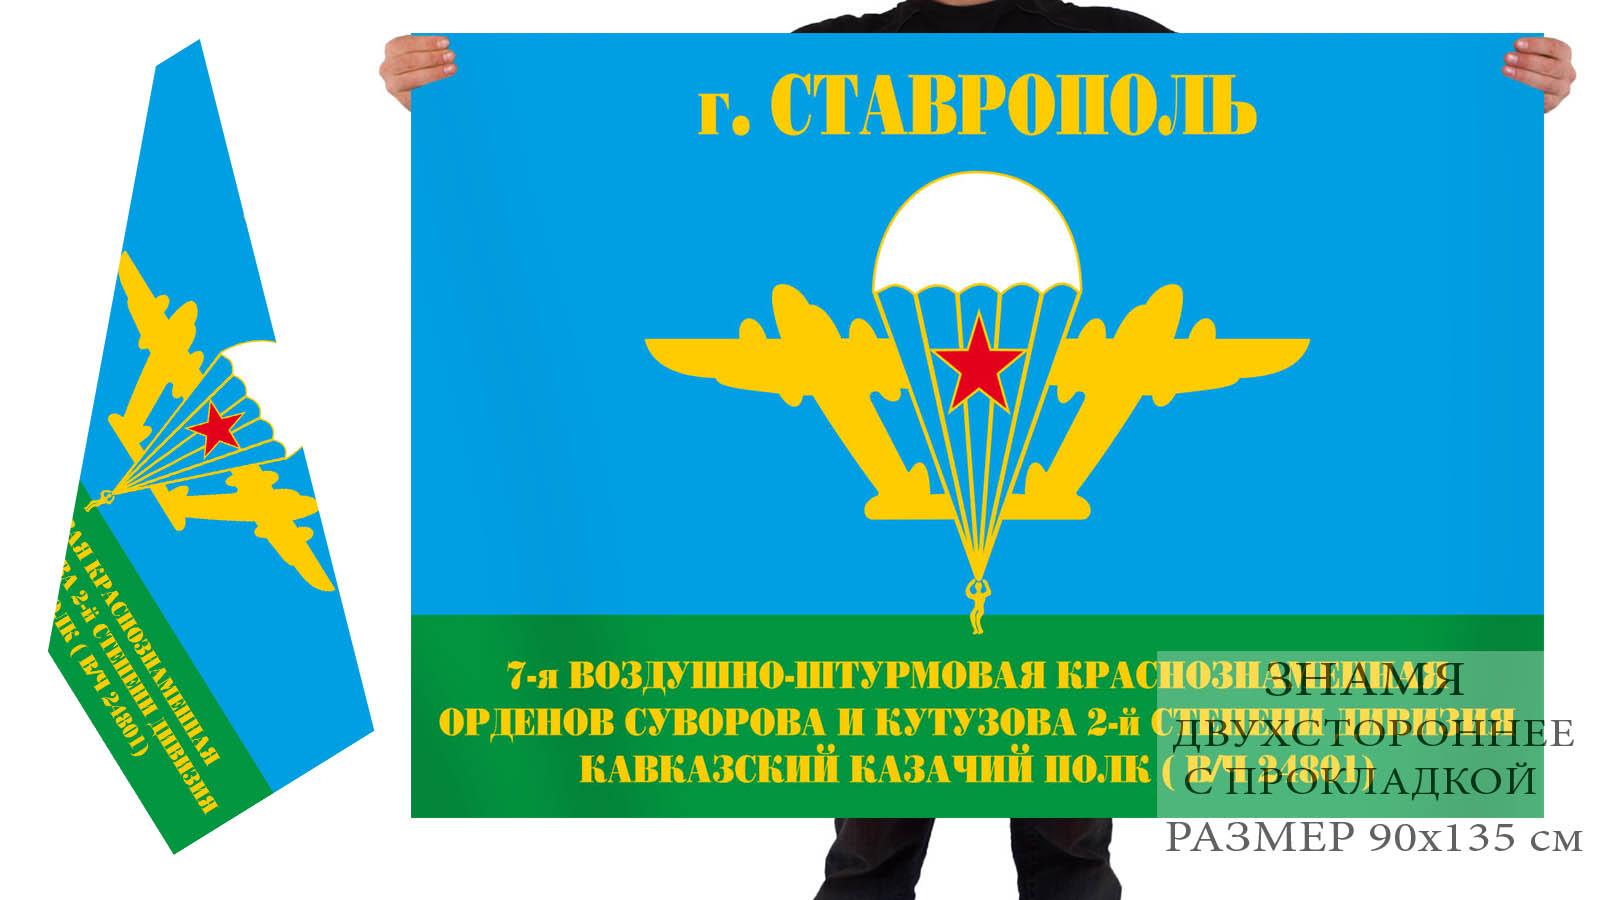 Купить в Москве флаг 7-ой воздушно-штурмовой дивизии, в/ч 24801, Ставрополь